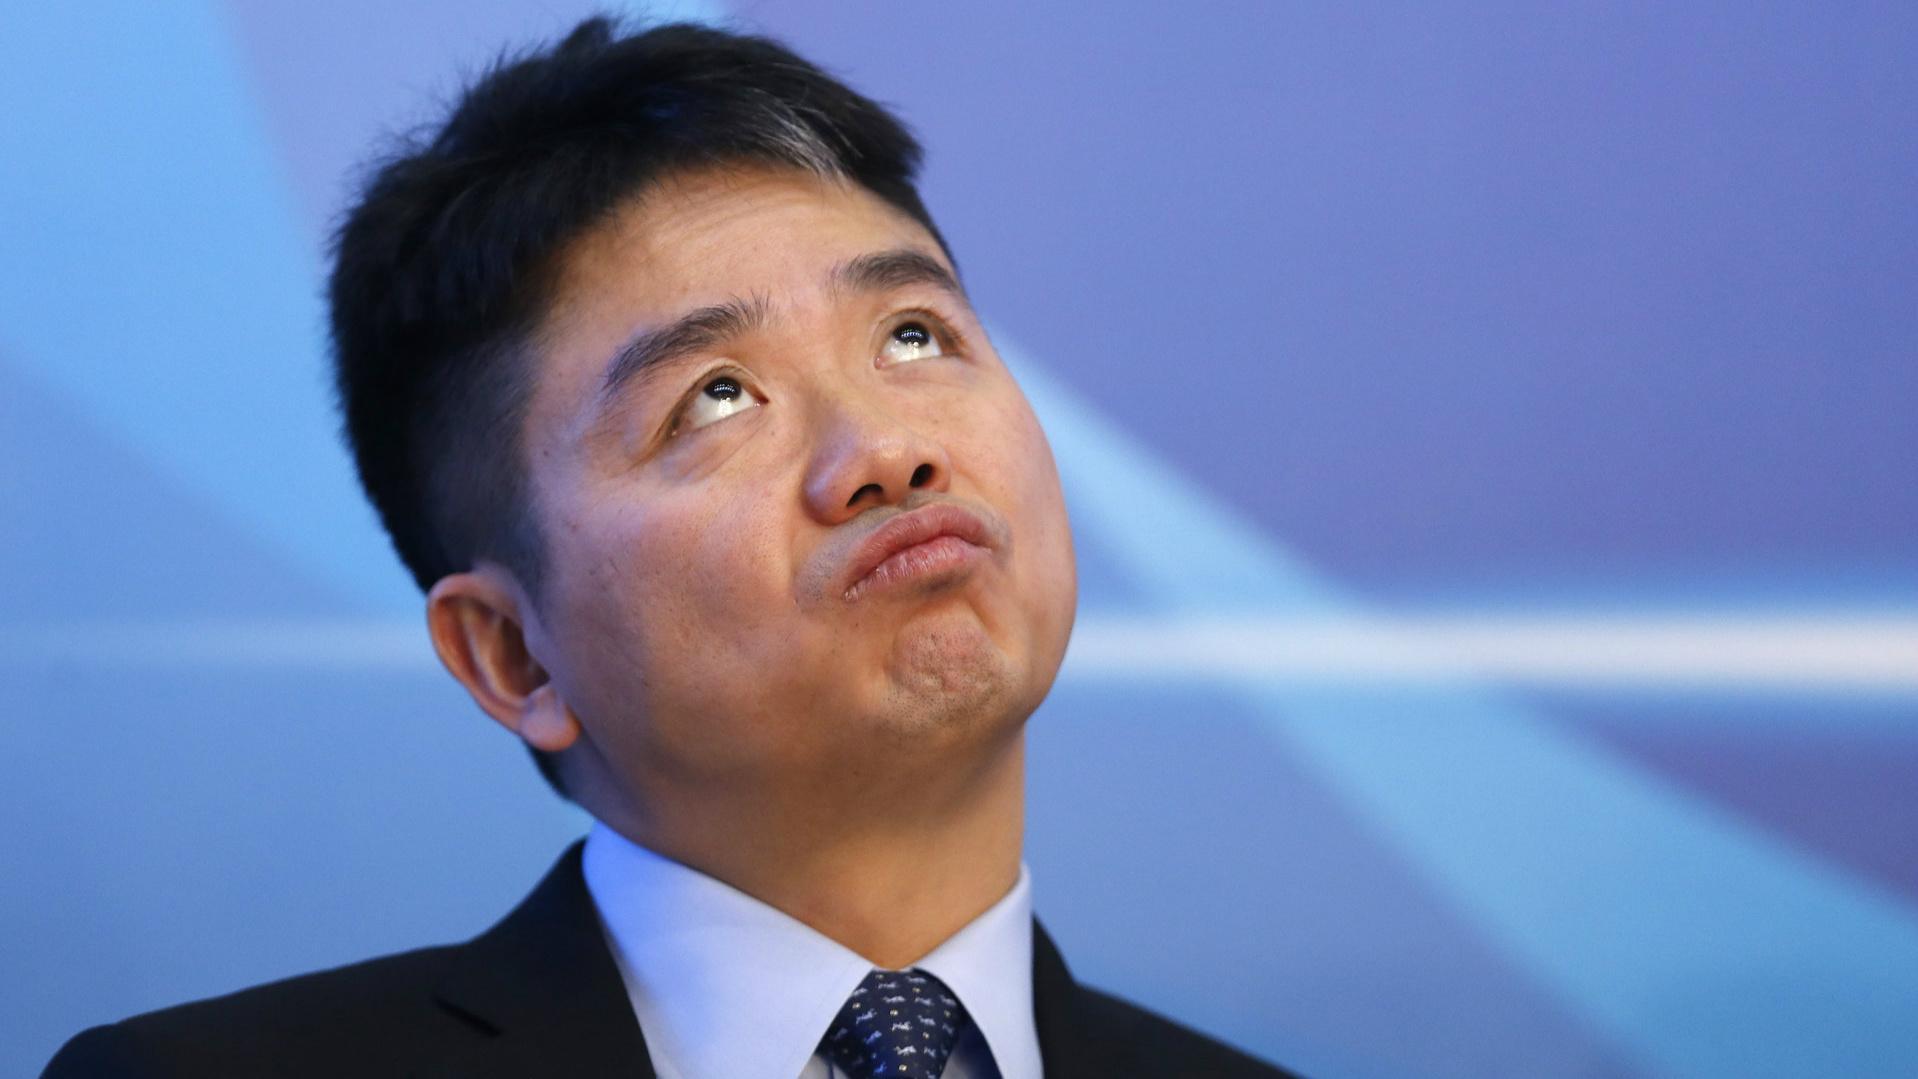 中国快递哪家好?刘强东:只有顺丰京东